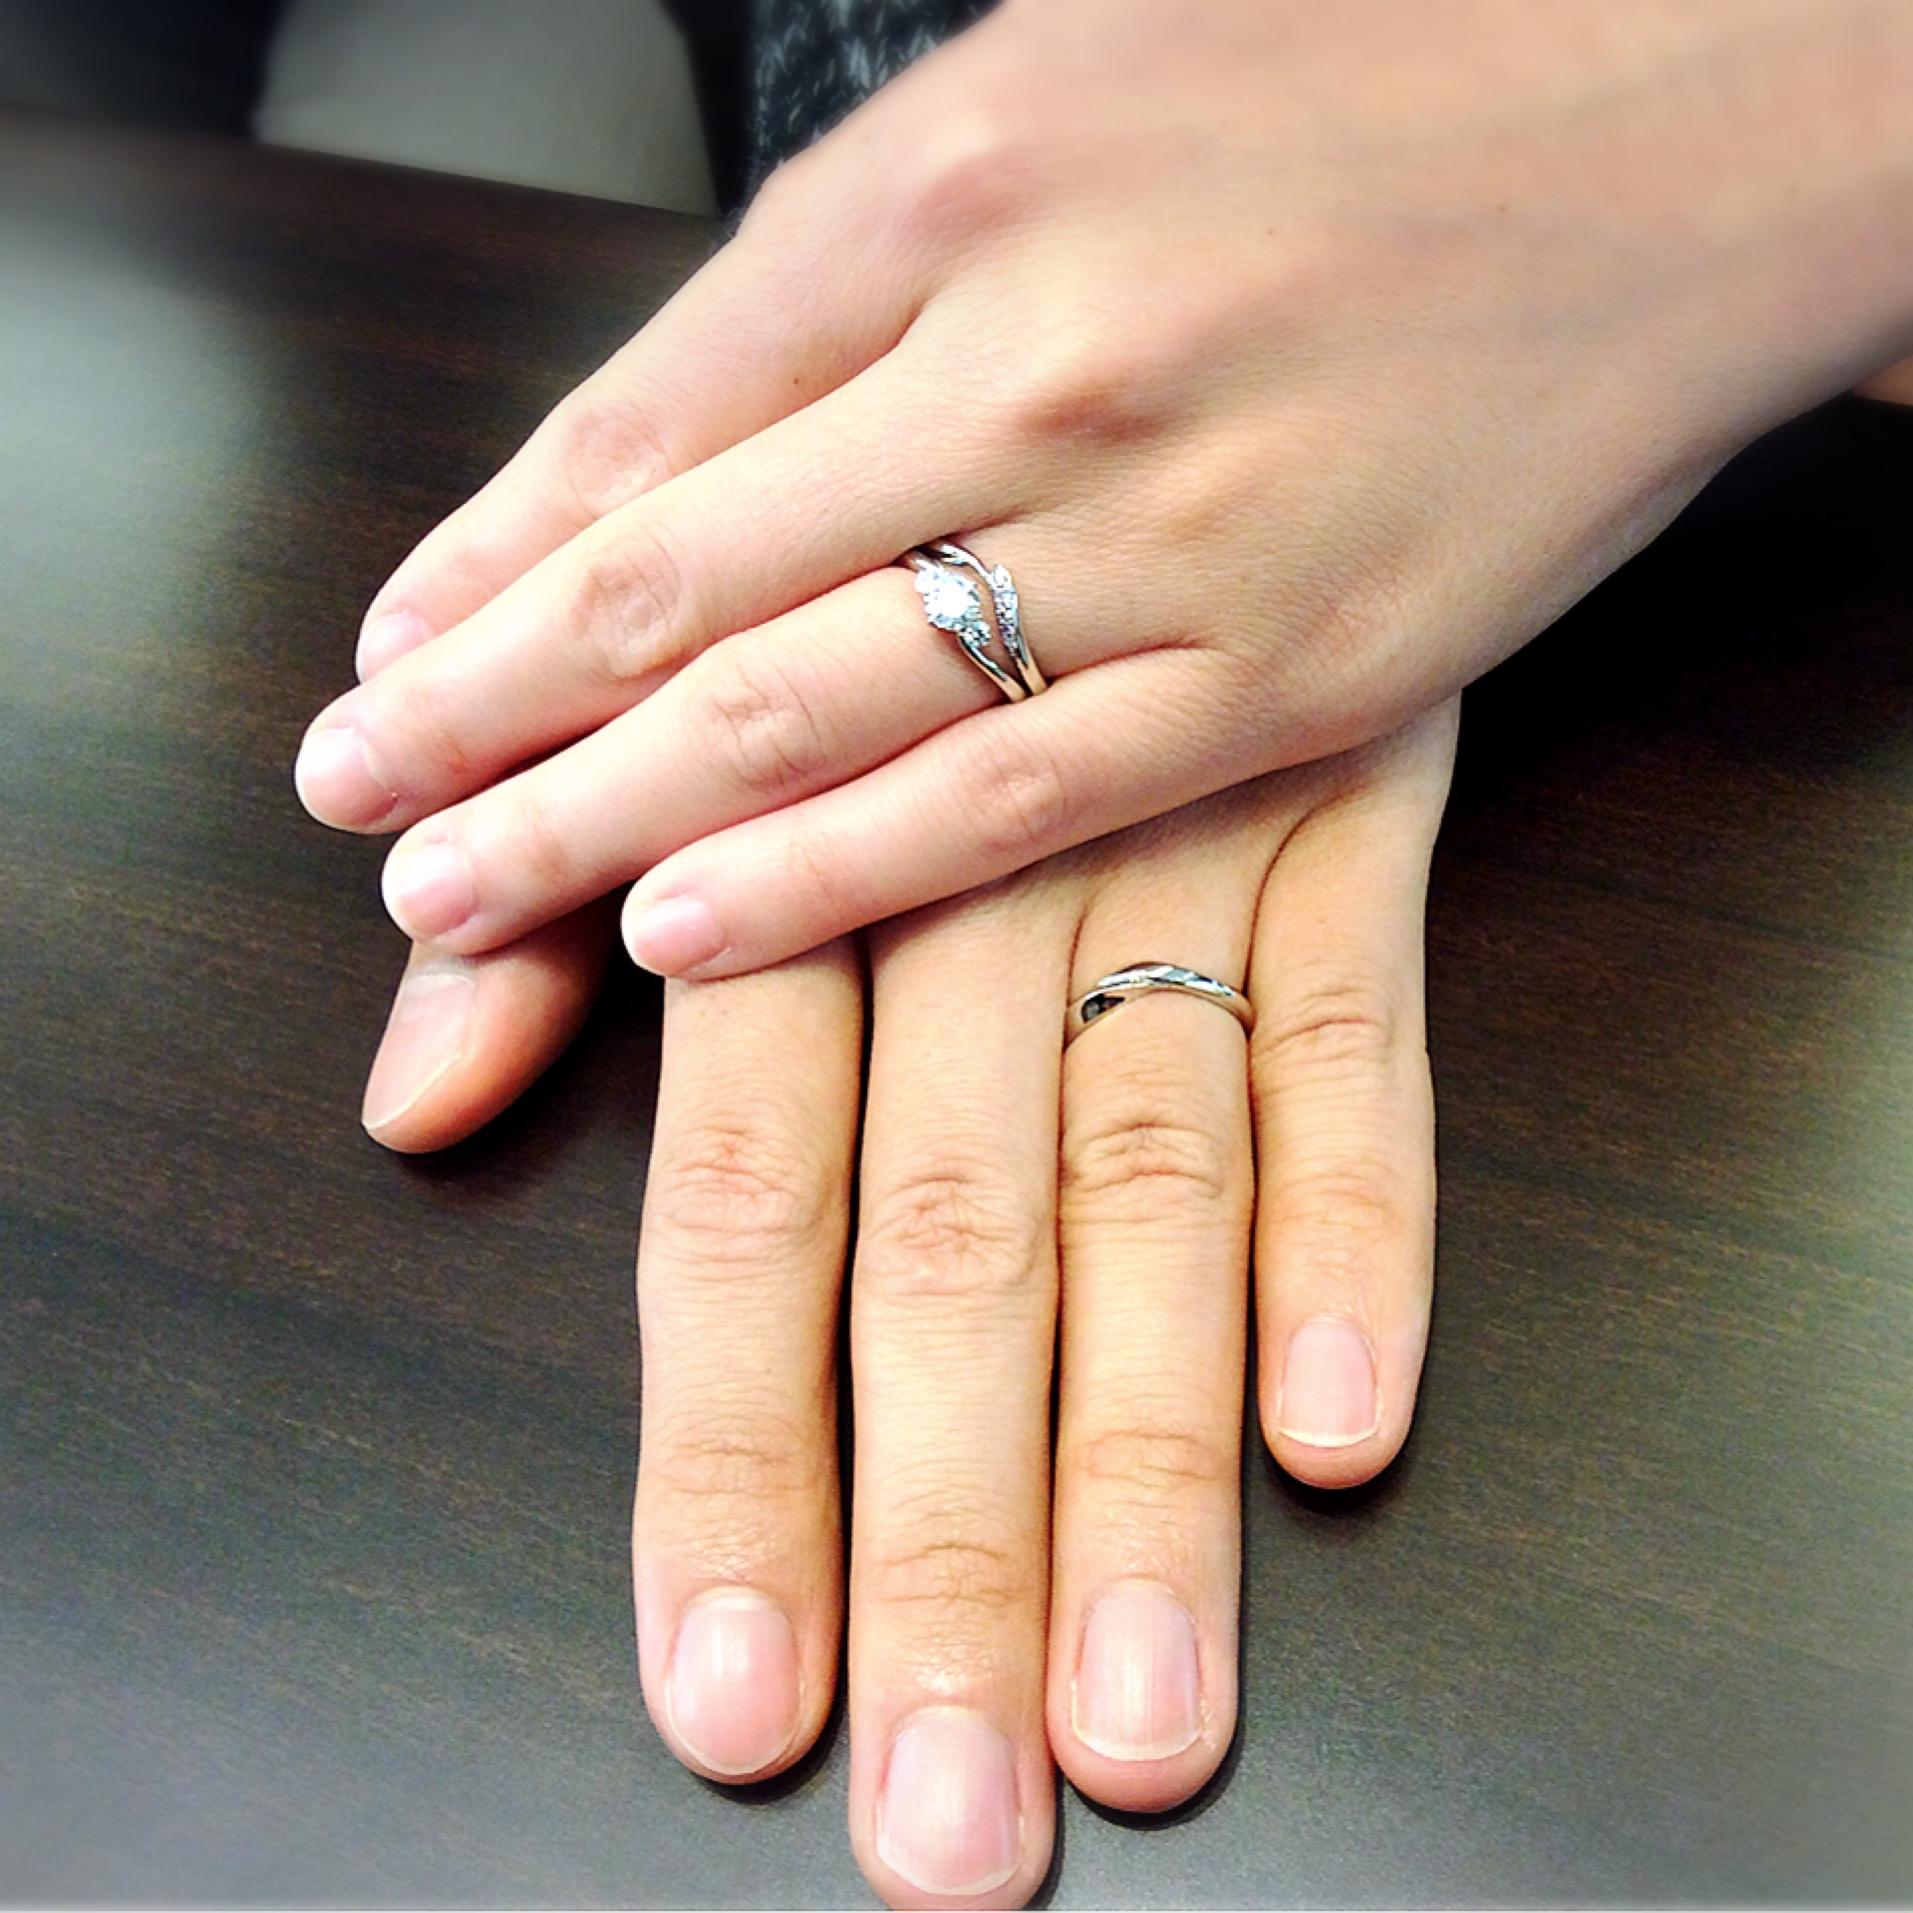 婚約指輪との相性が抜群!俄(にわか)の結婚指輪『初桜』をご成約🌸(上越市/D様・S様)